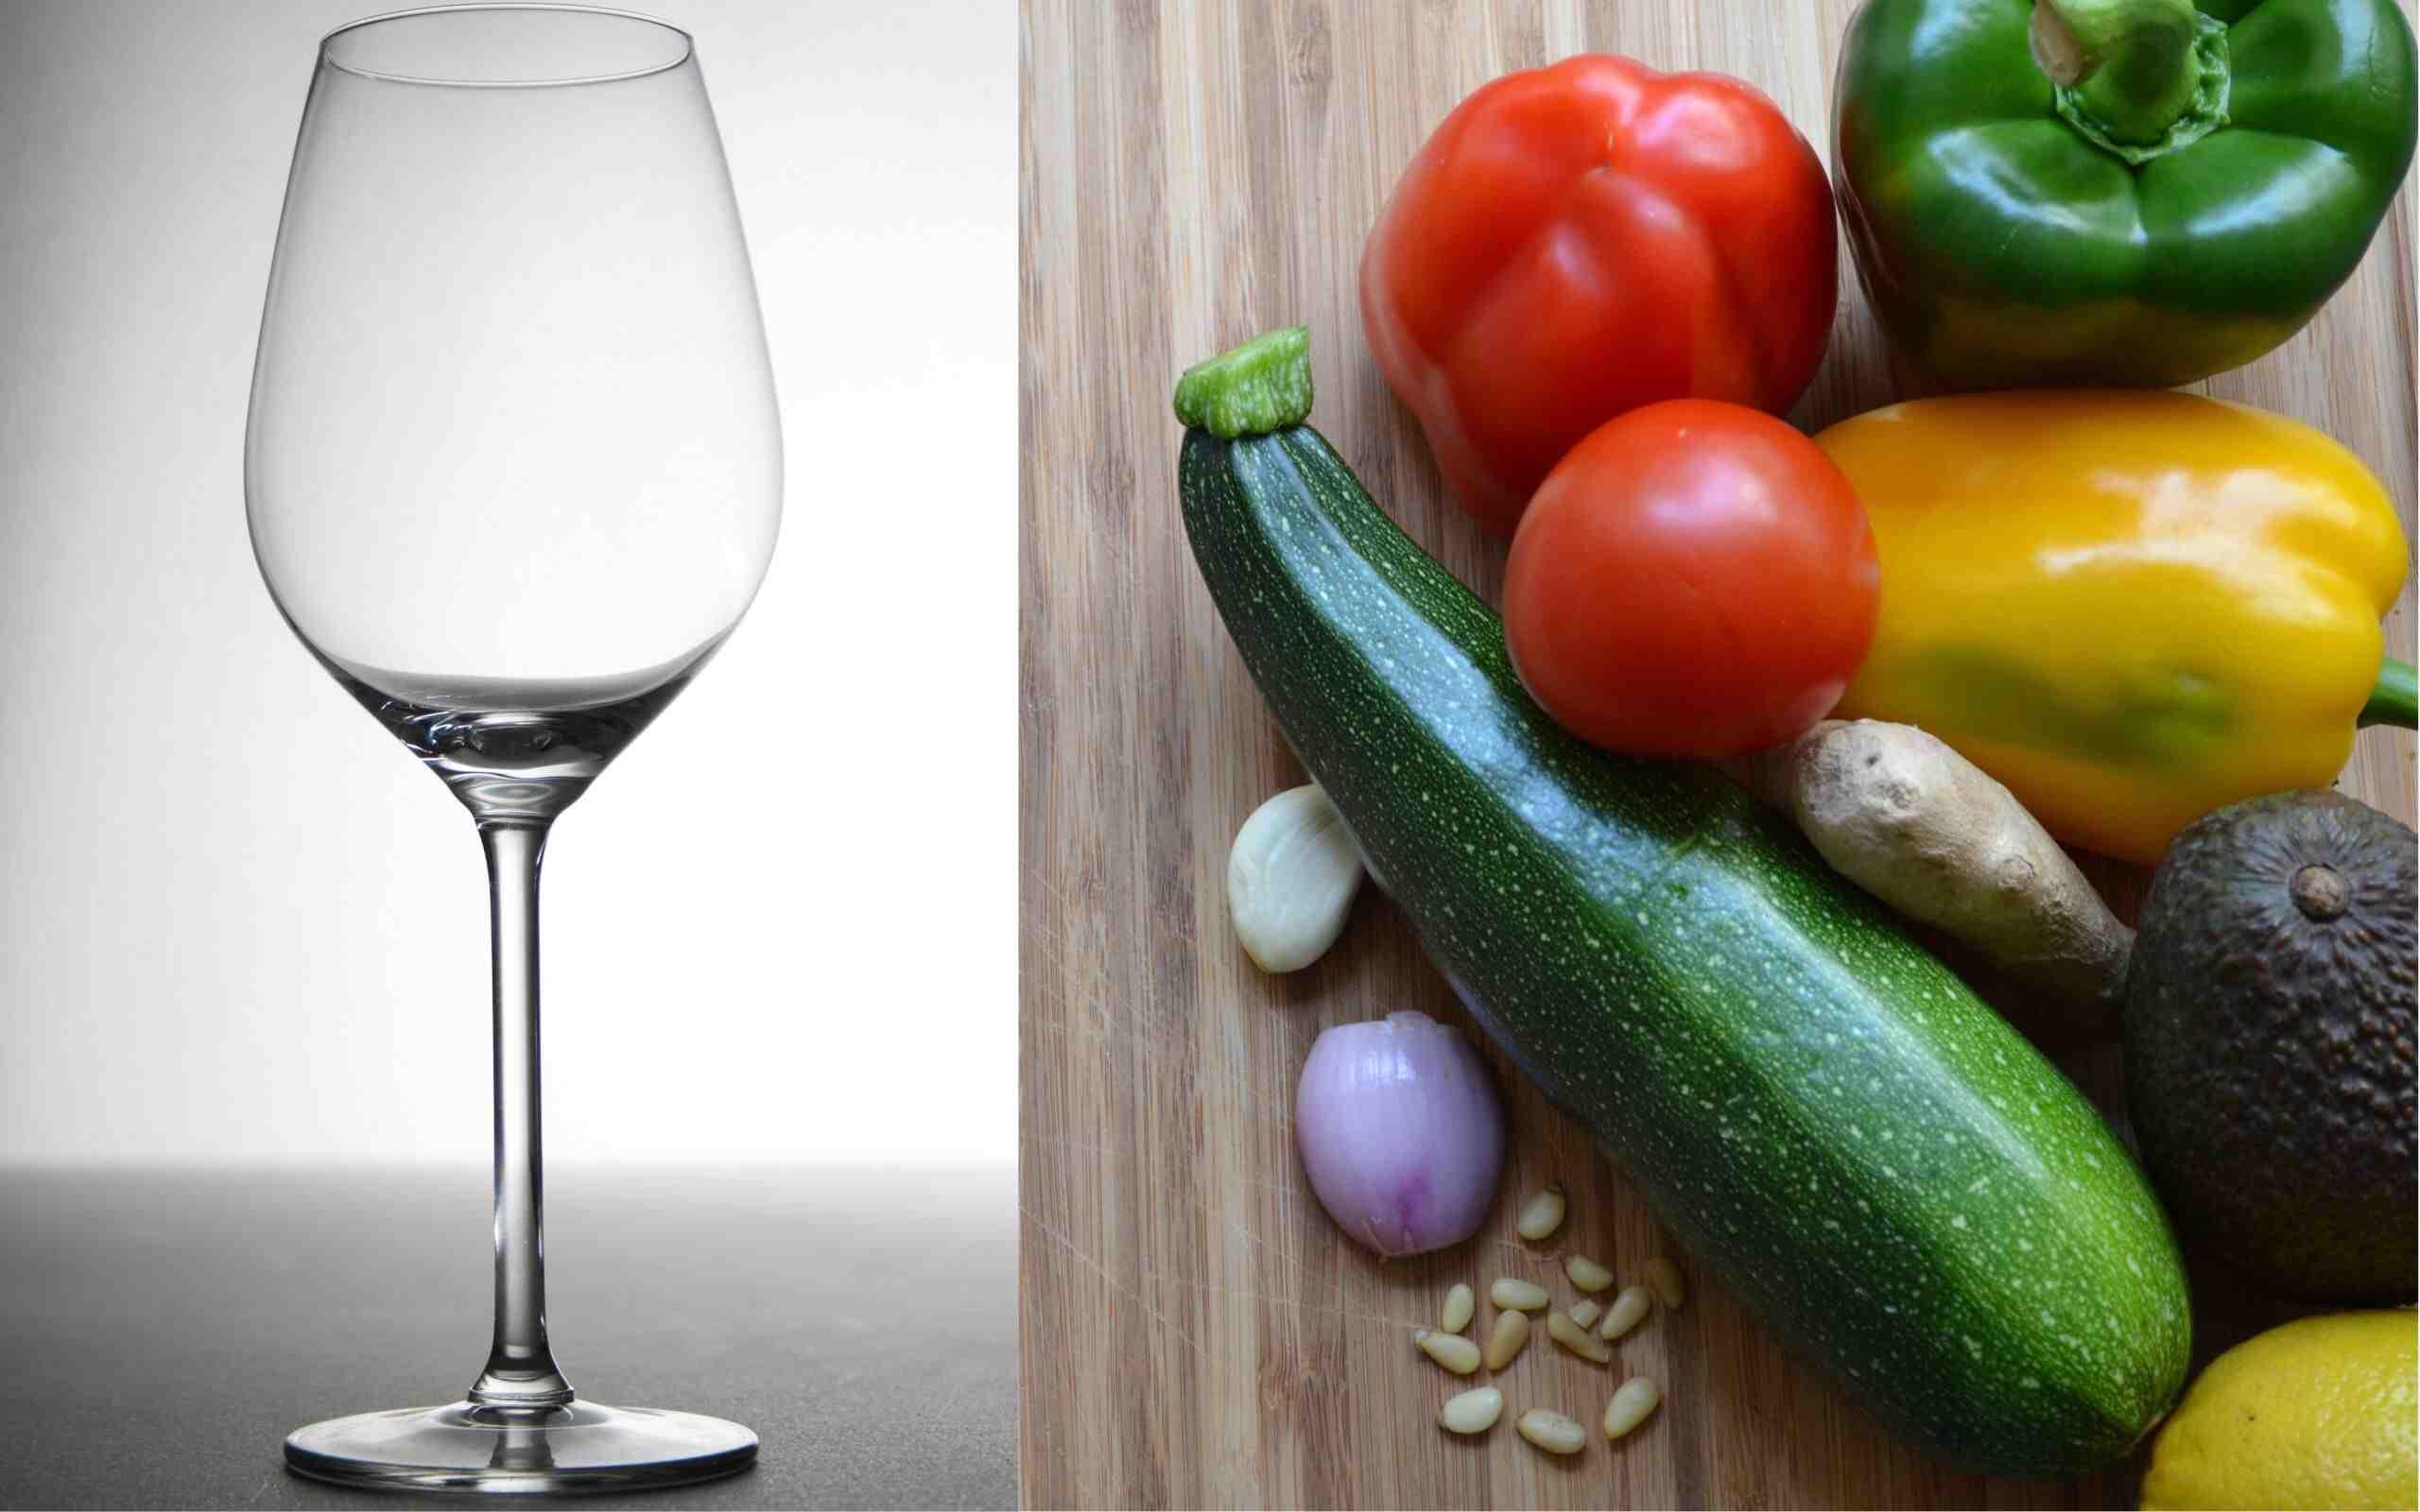 Comment reconnaître un bon vin à la bouteille?